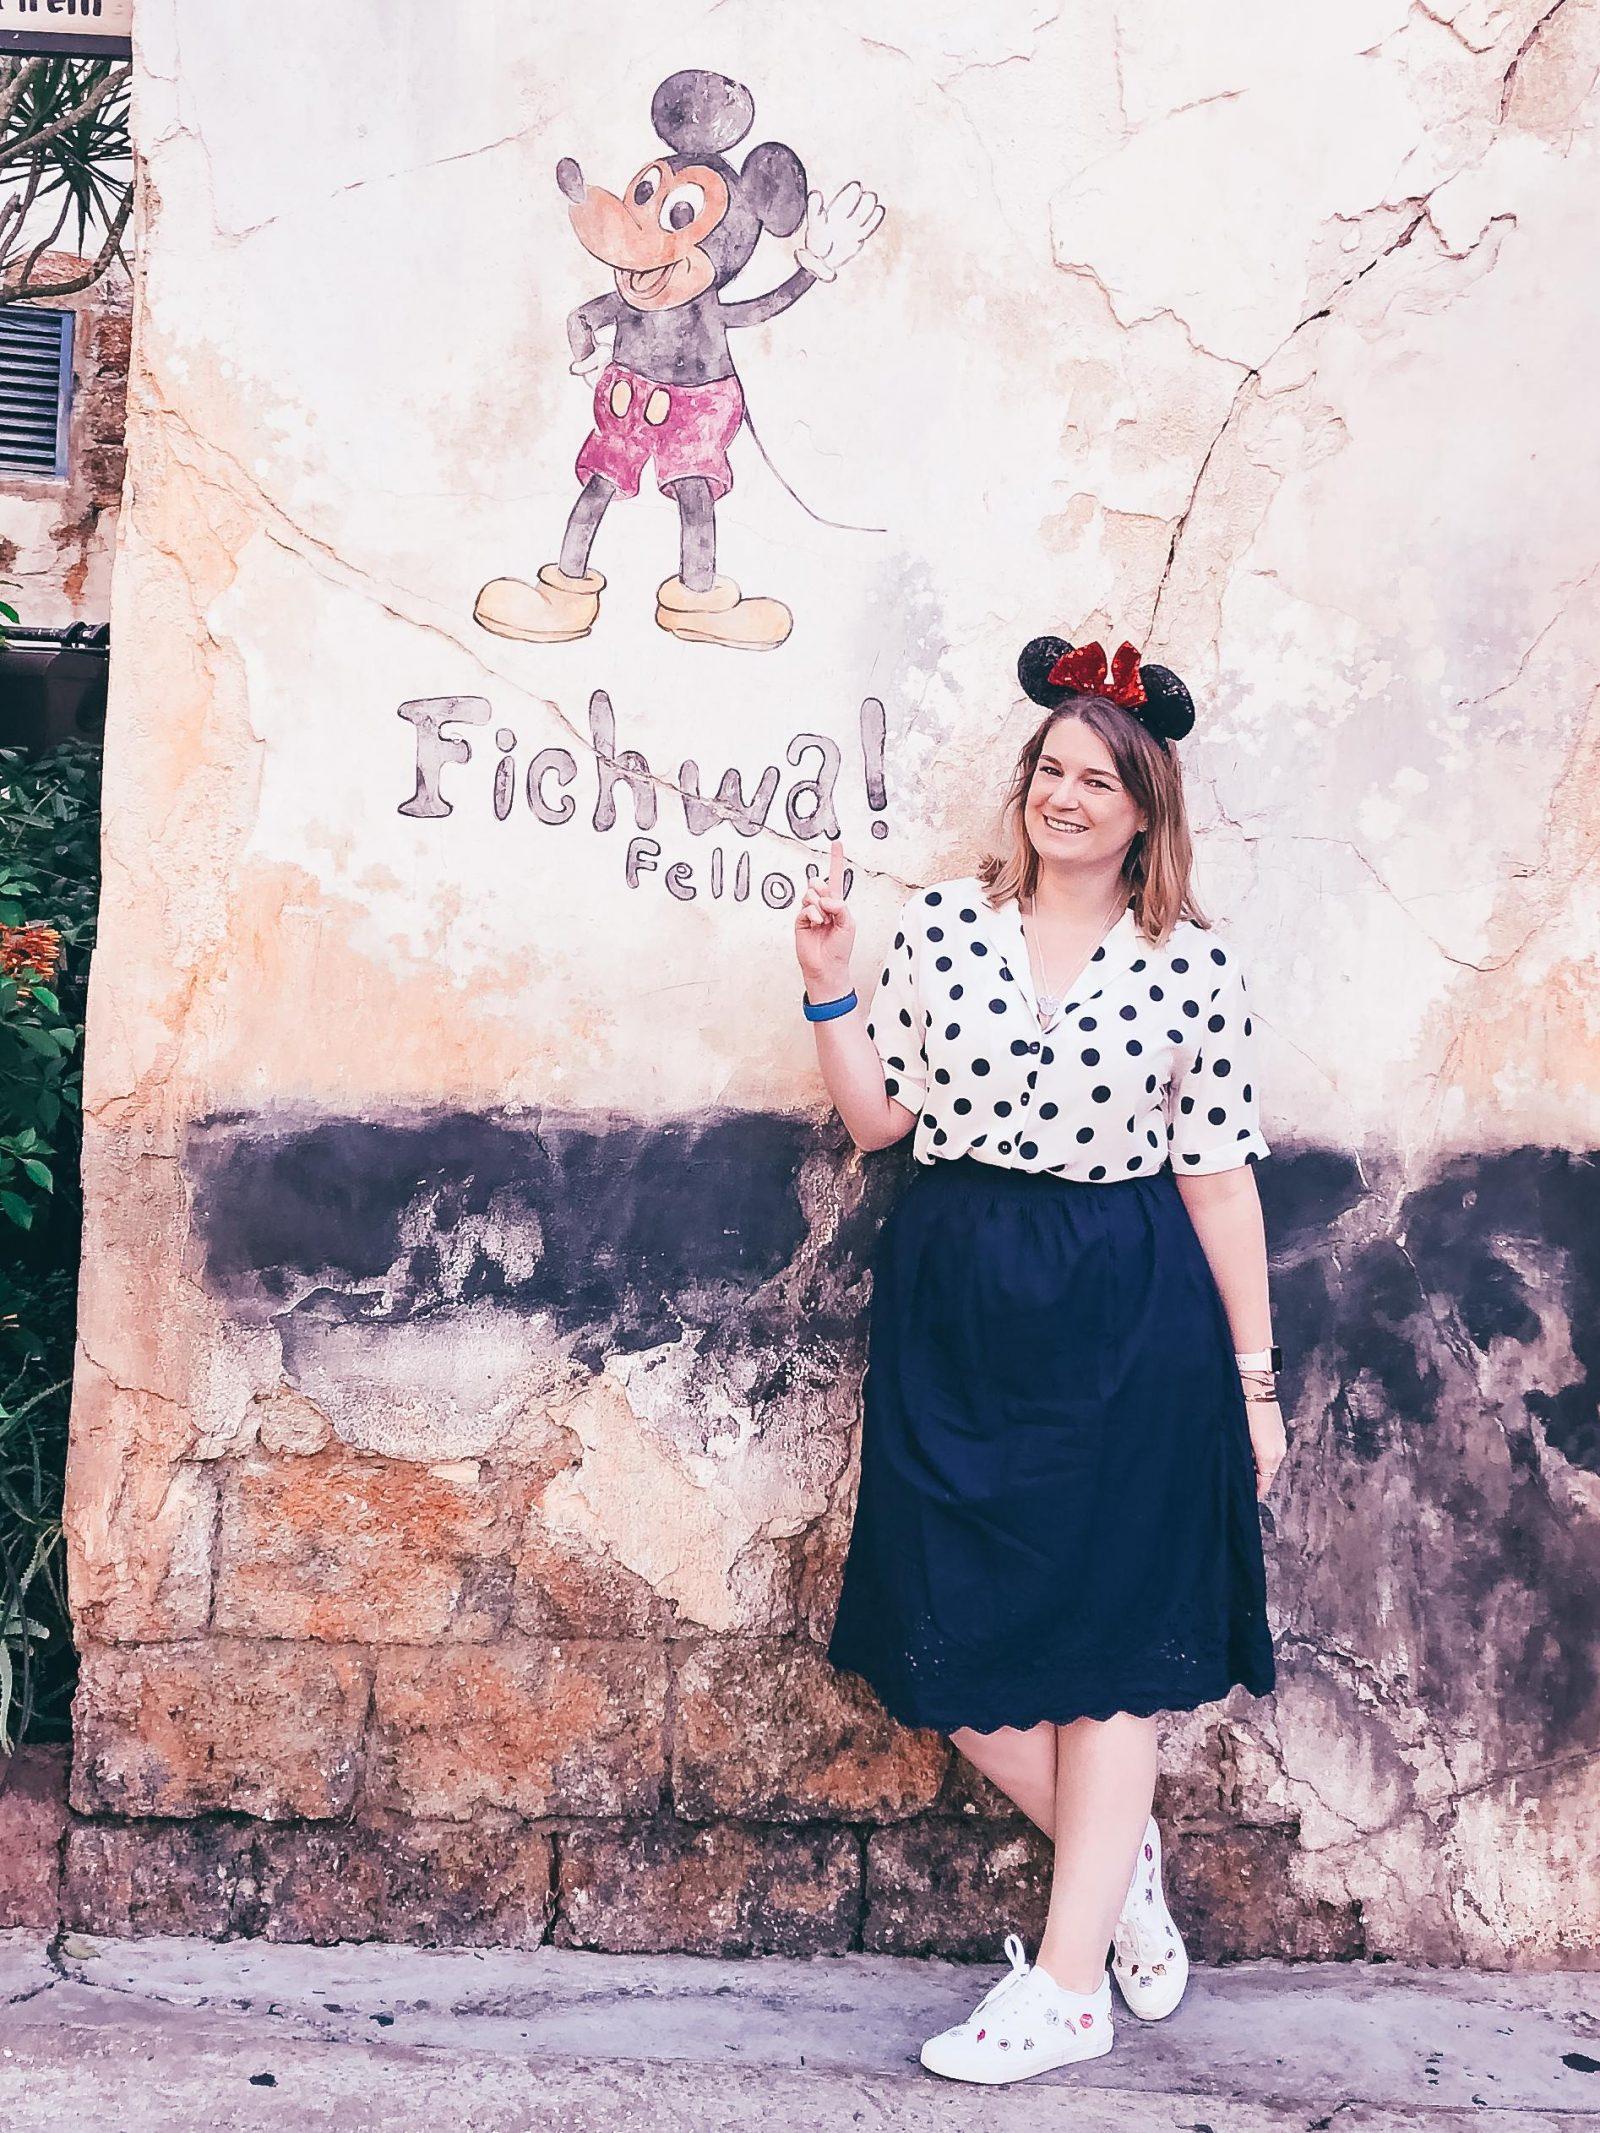 Fichwa Fellow Wall - Disney World Instagram Walls